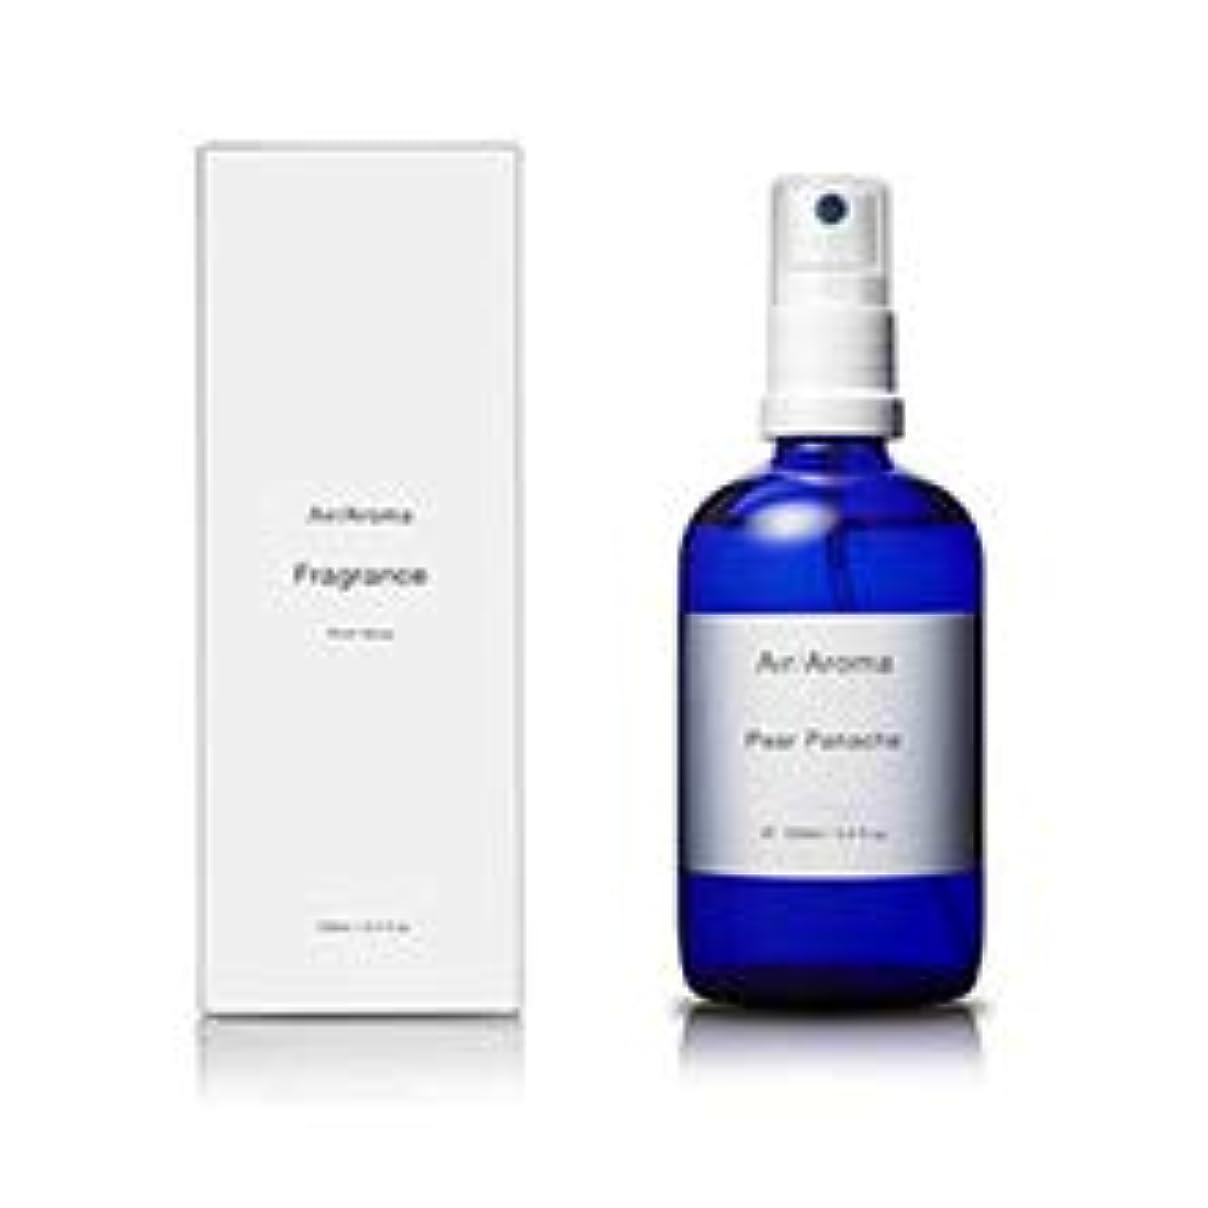 書く新年レールエアアロマ pear panache room fragrance (ペアパナシェ ルームフレグランス) 100ml